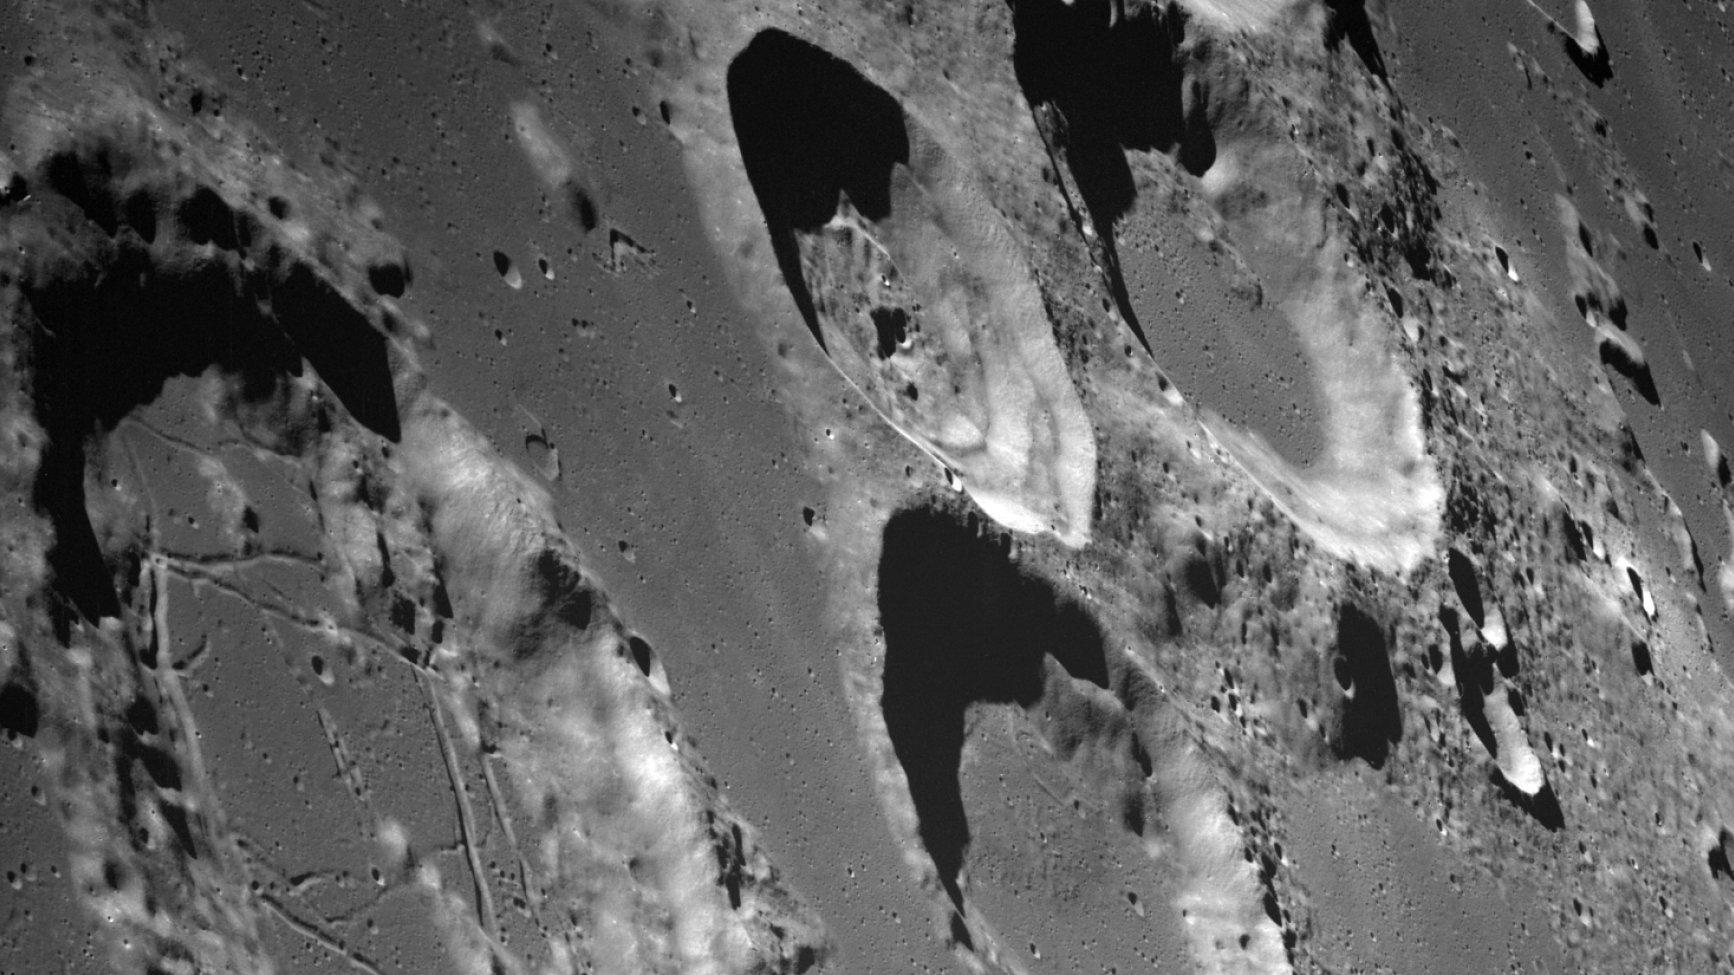 Mehrere Mondkrater, aus dem Orbit fotografiert. Das Bild stammt von Heiligabend 1968, fotografiert von der Mission Apollo 8.